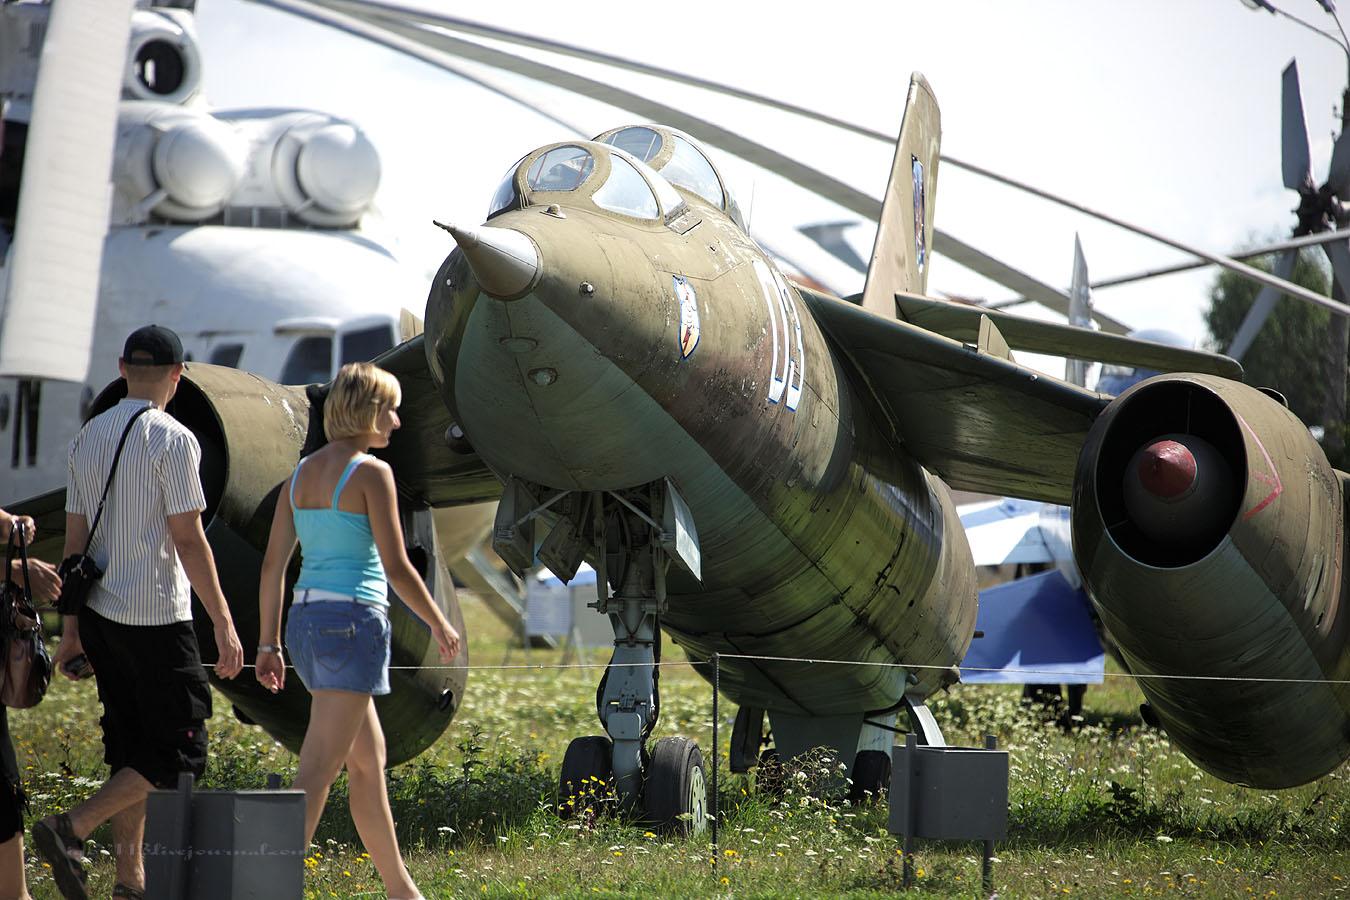 Киевский авиамузей часть 8: Як-28у,Як-38, Як-18пм,Як-40,Як-3 - igor113